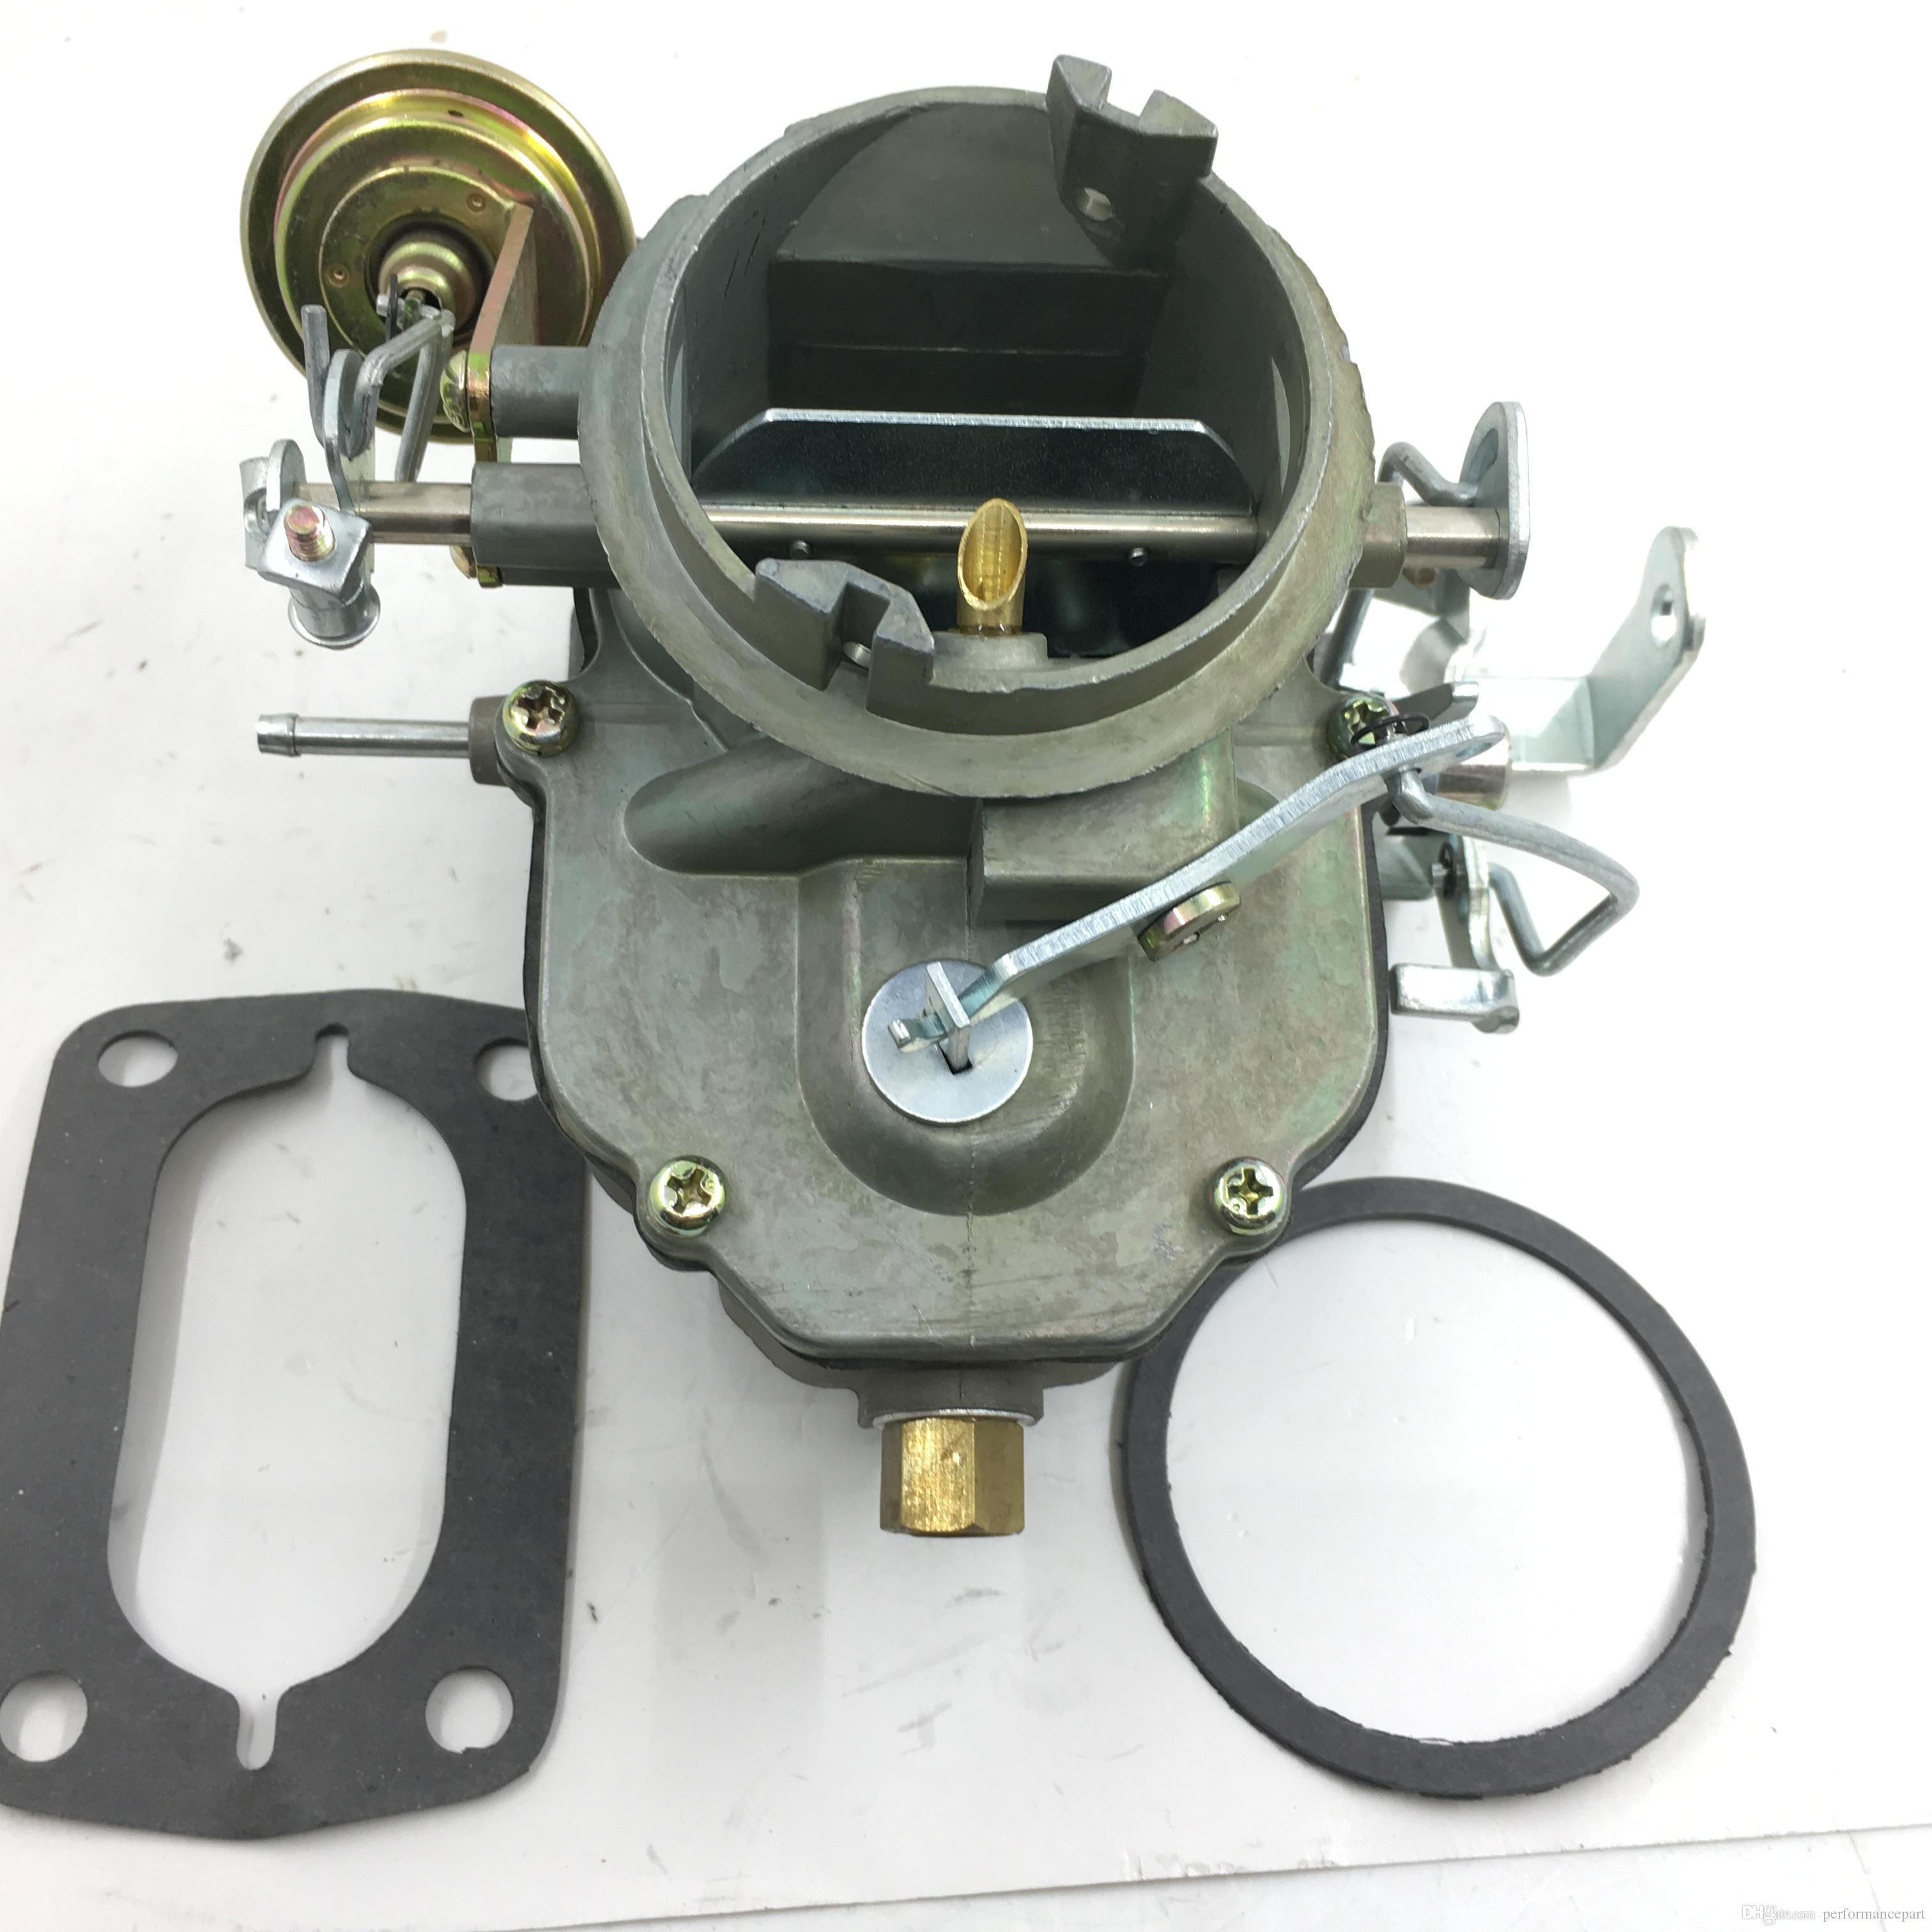 새로운 카뷰레터 / 318 엔진 크라이슬러 카터 BBD 지프 318 엔진에 적합